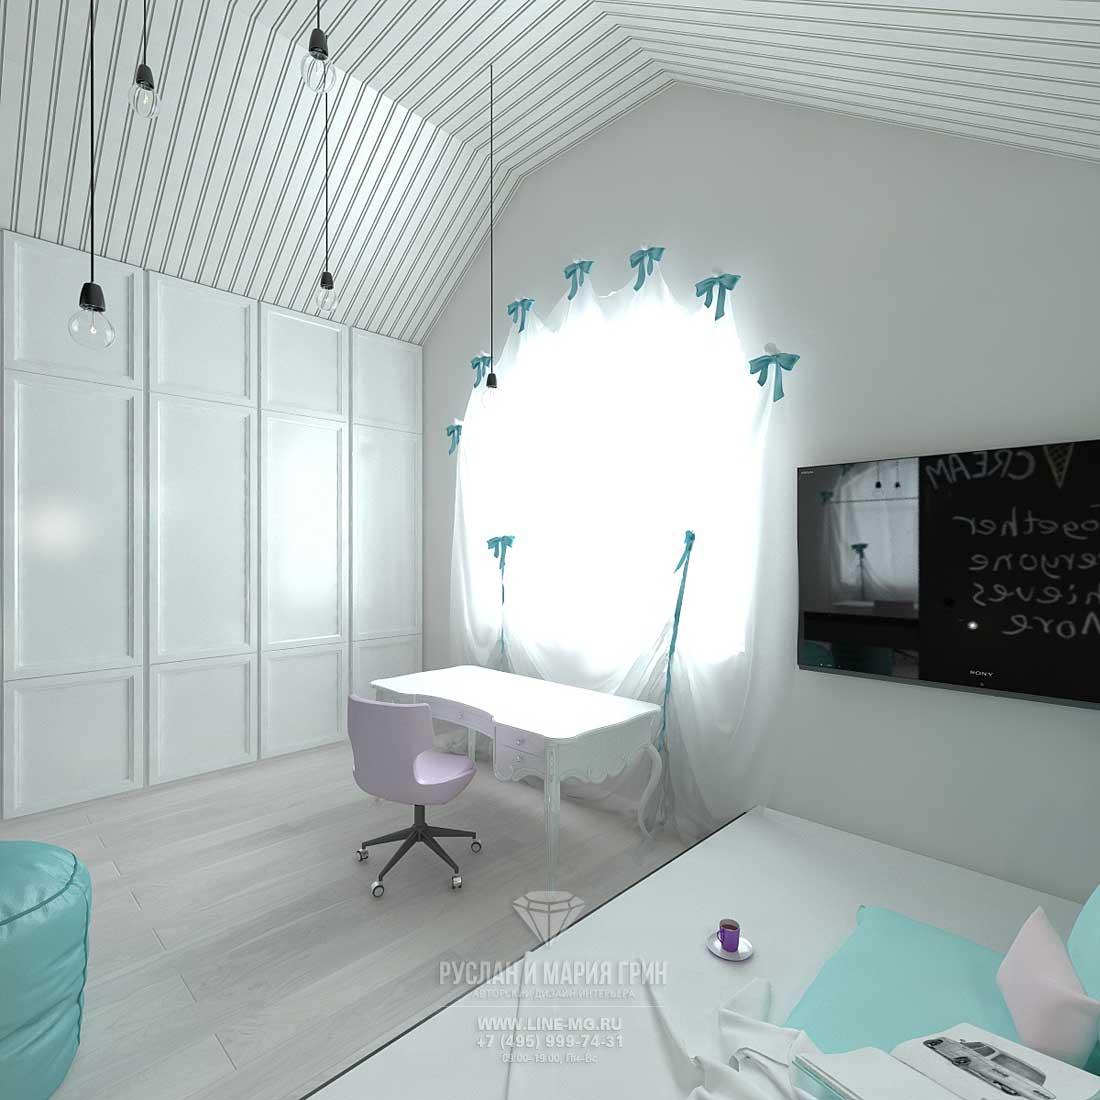 Встроенный белый шкаф в меблировке современной детской